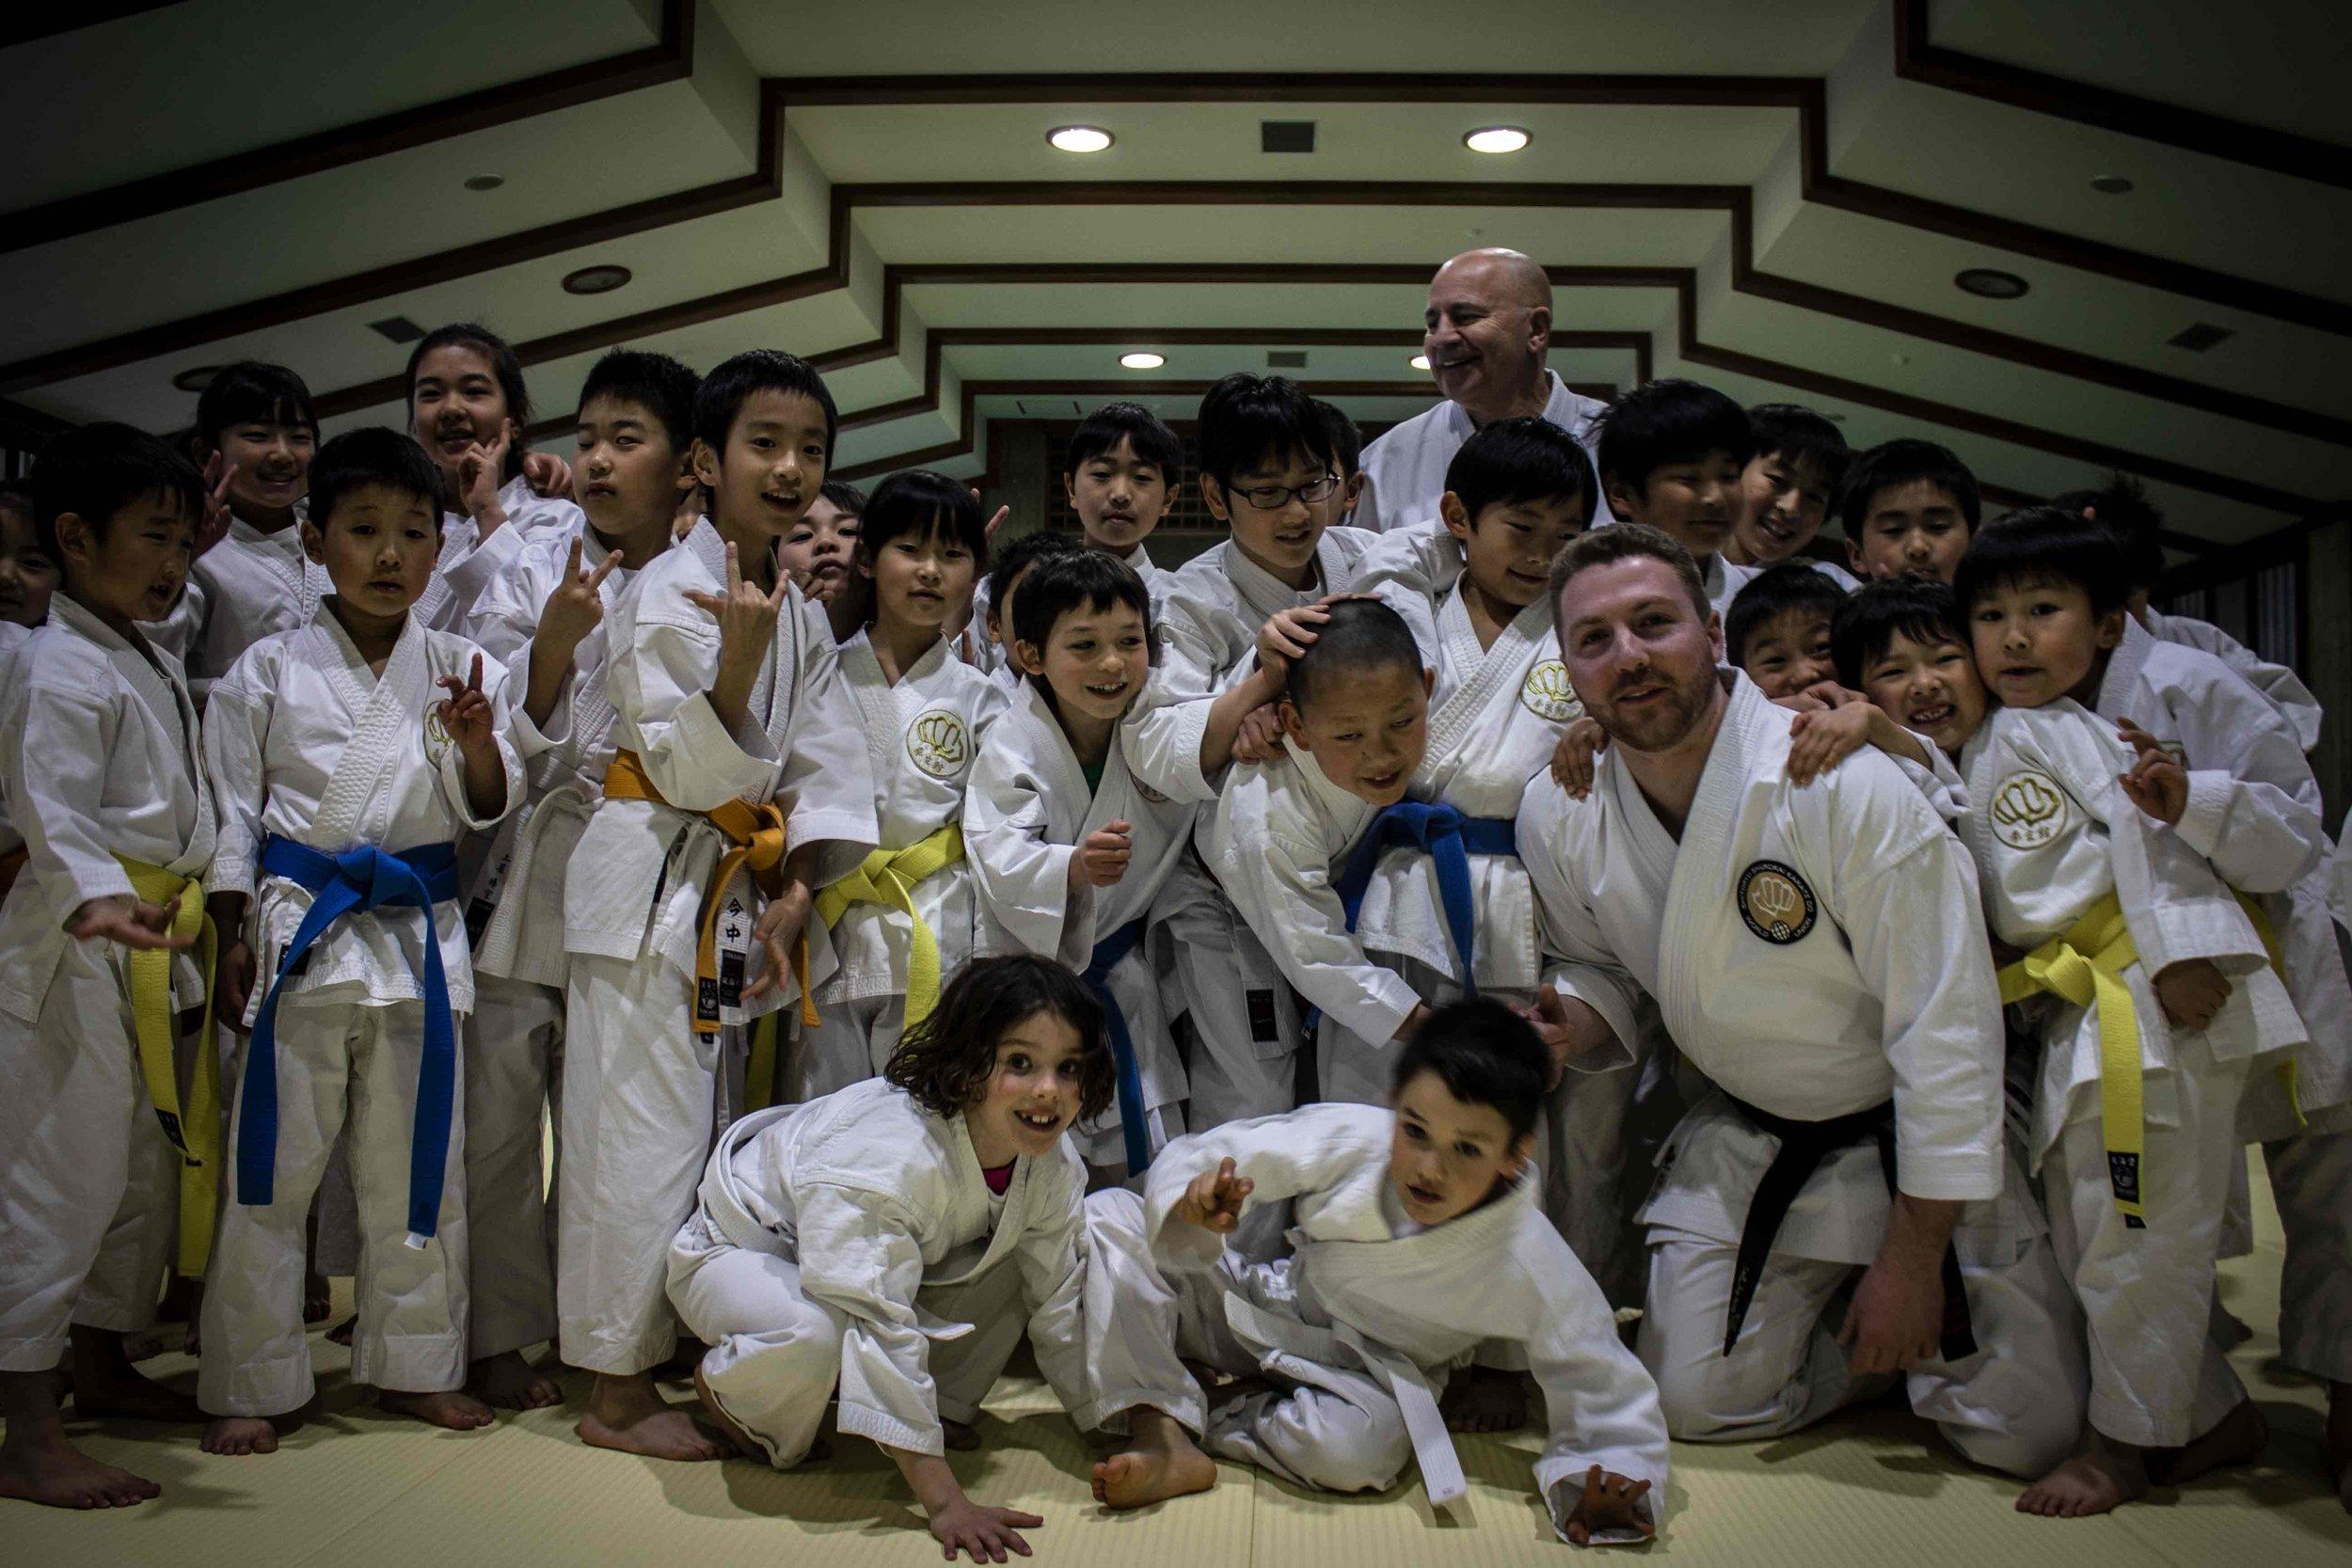 karatekids04.jpg